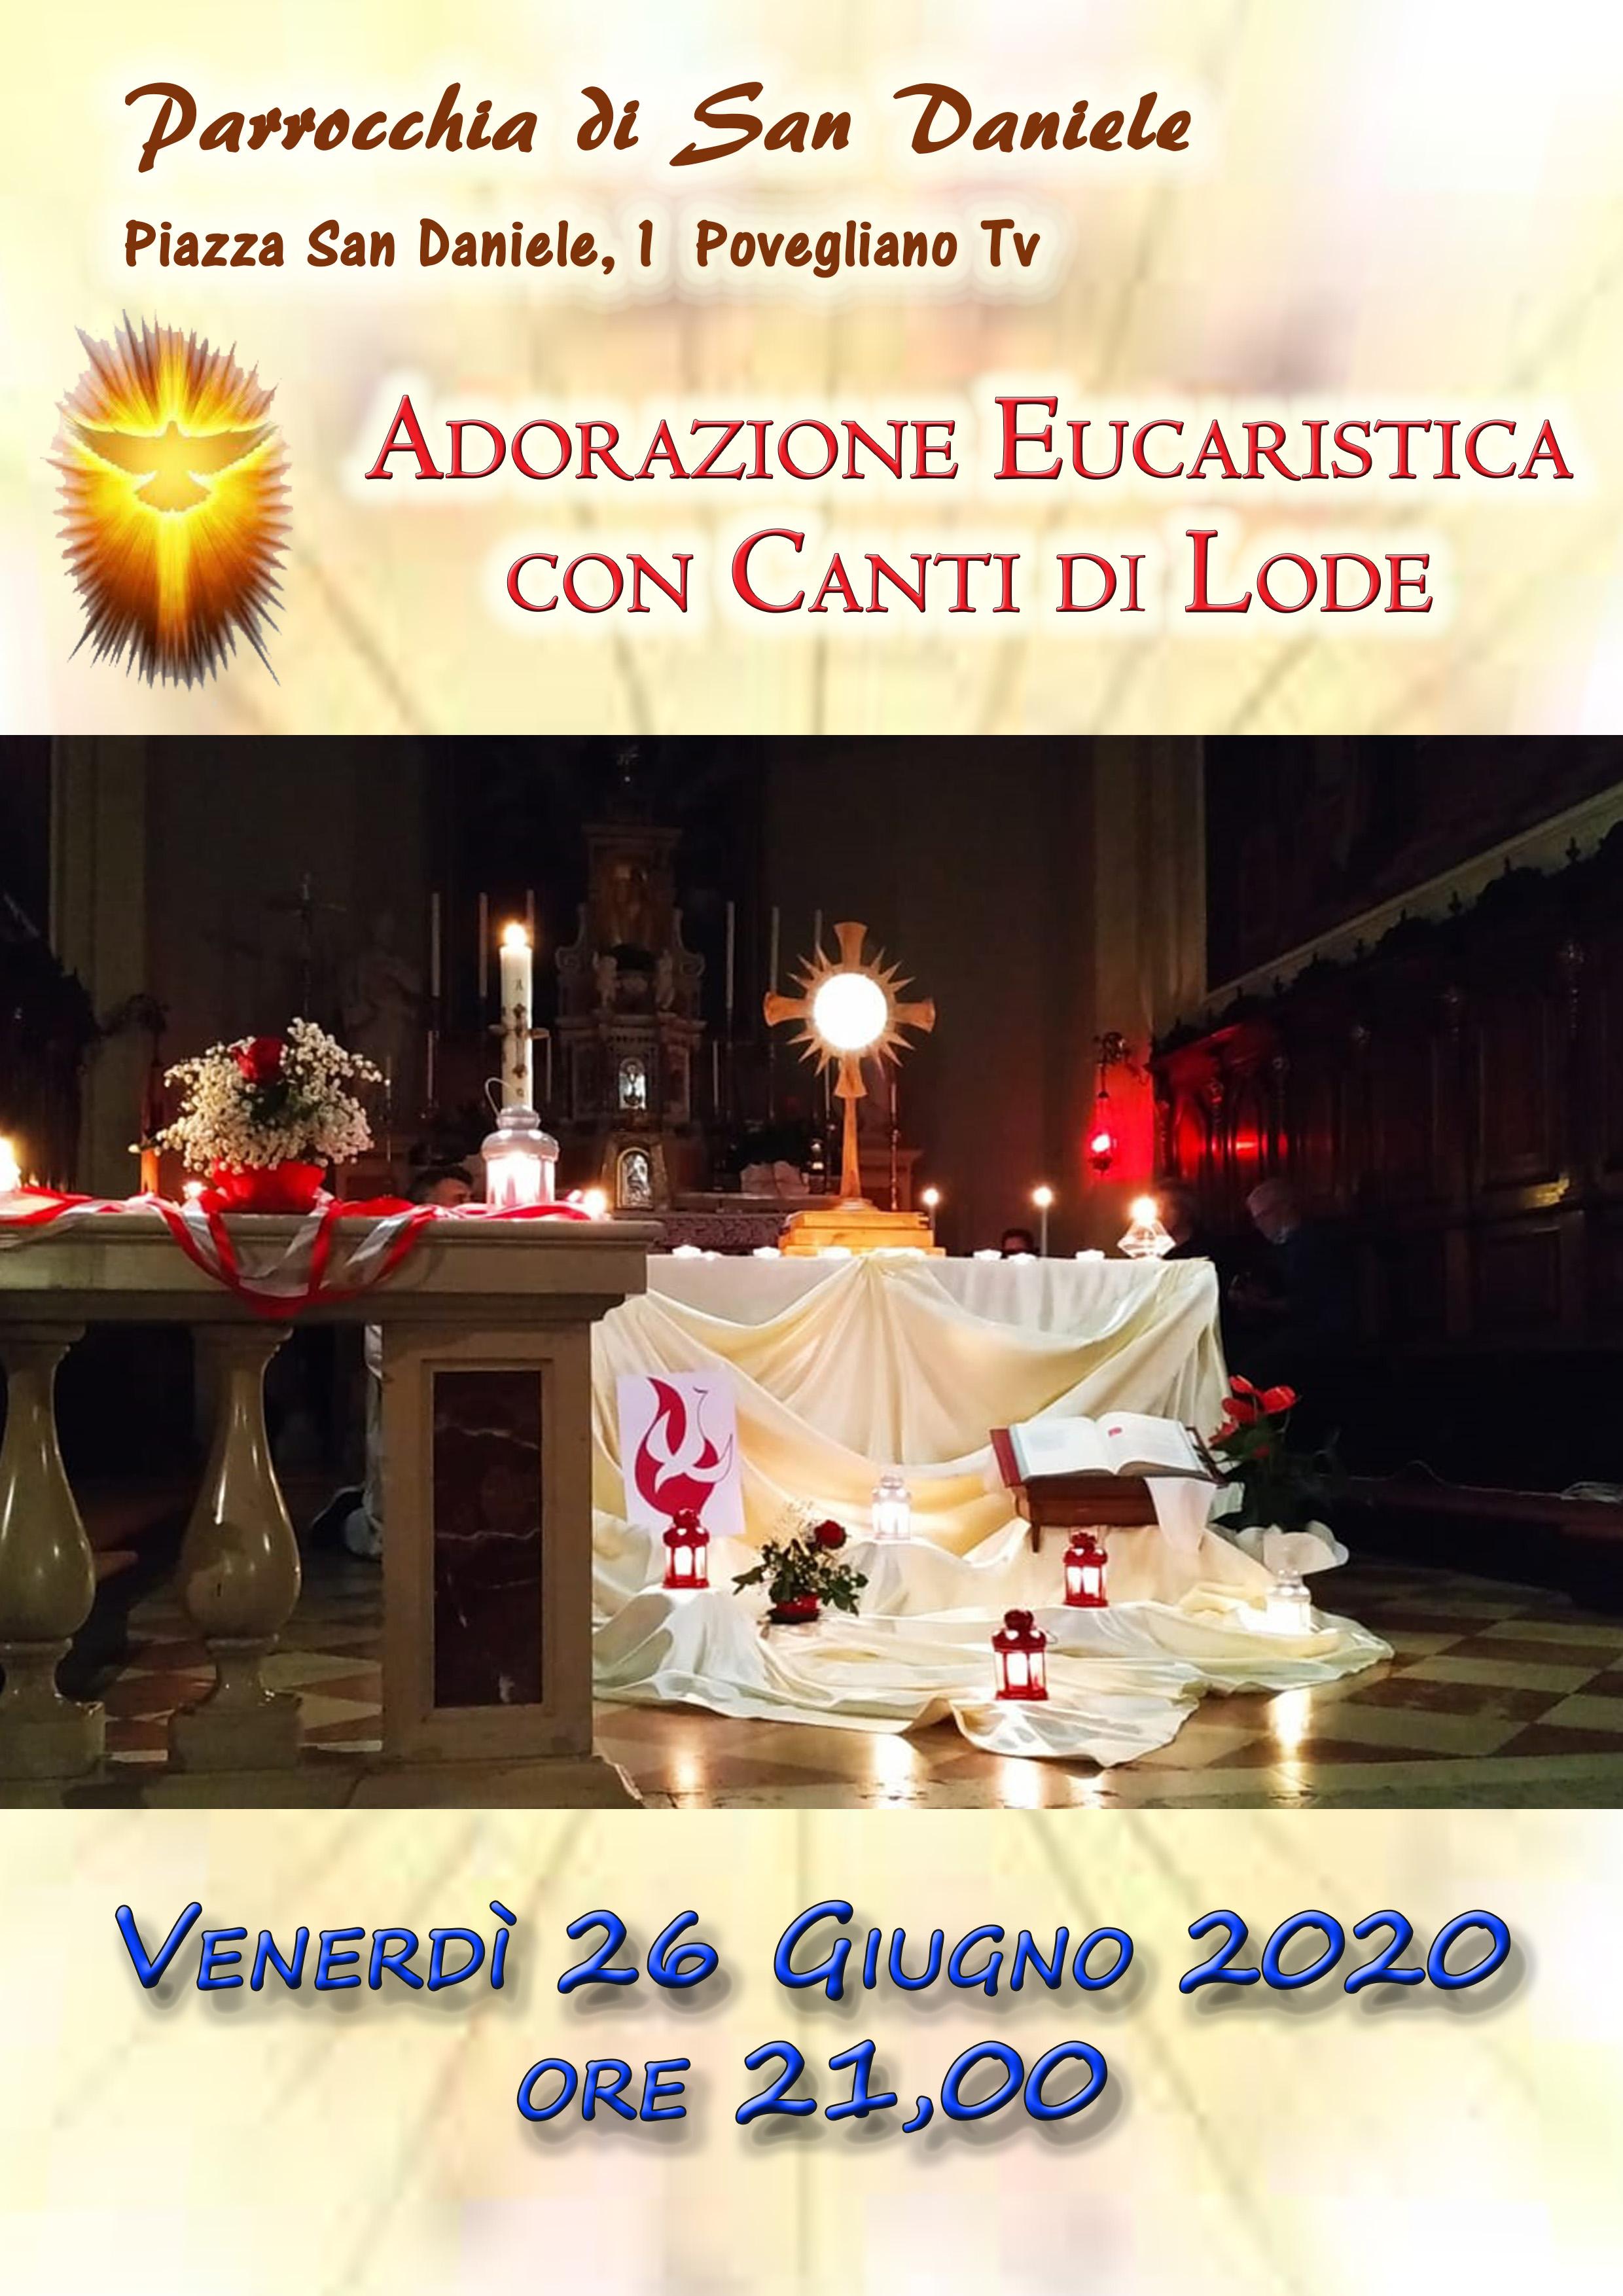 2020-06-26_Adorazione